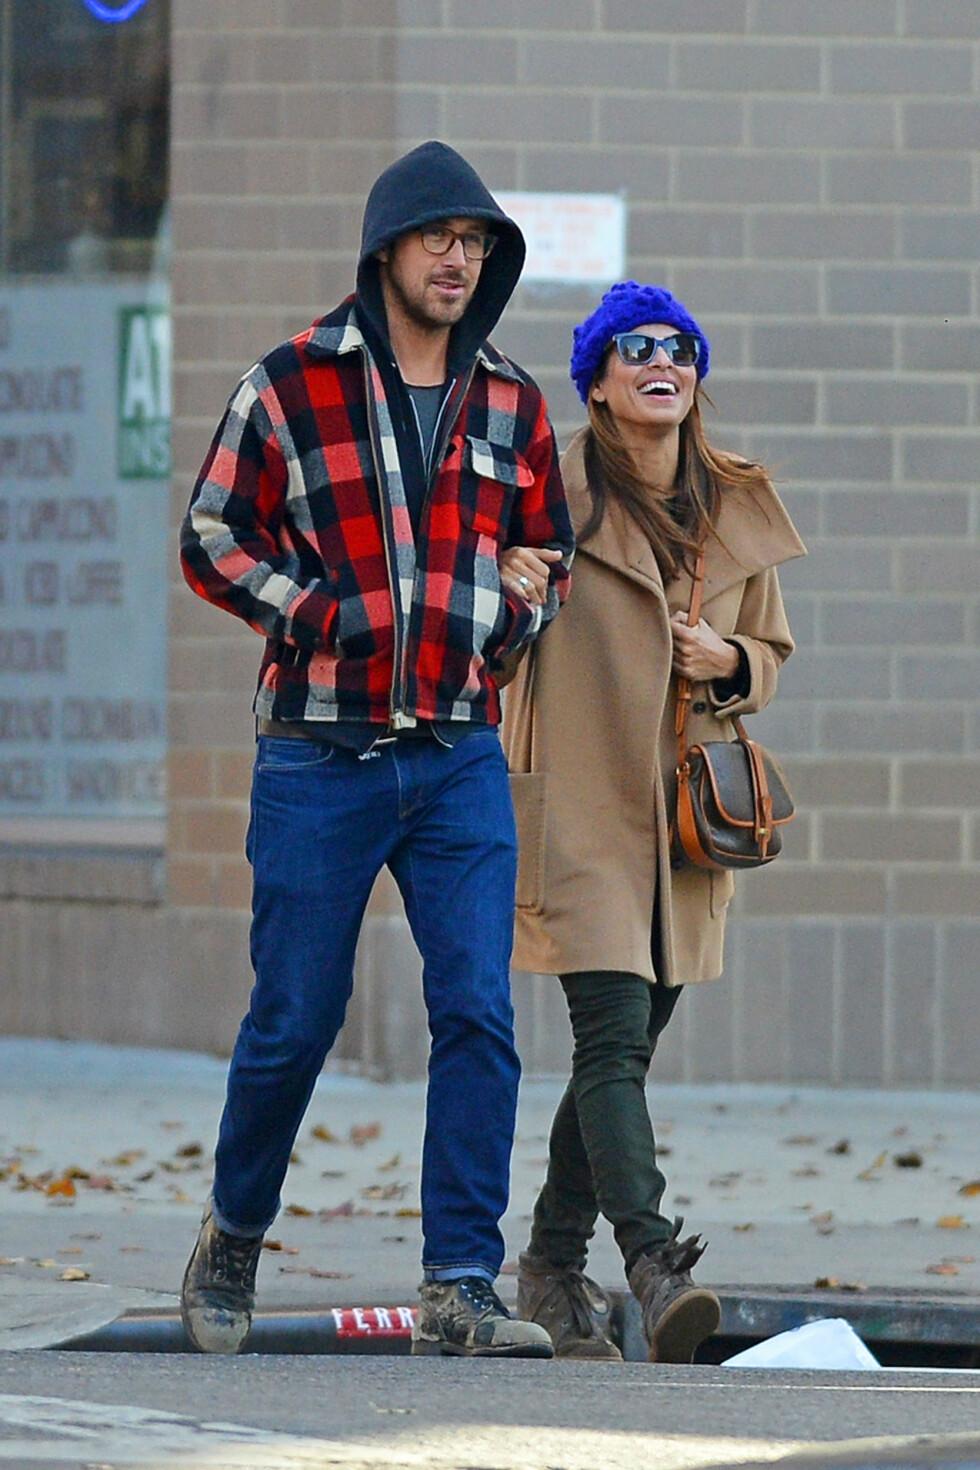 HADDE SLÅTT OPP: Men etter at graviditeten var et faktum, er Gosling fast bestemt på å være der for Mendes. Foto: PacificCoastNews.com/All Over Pr